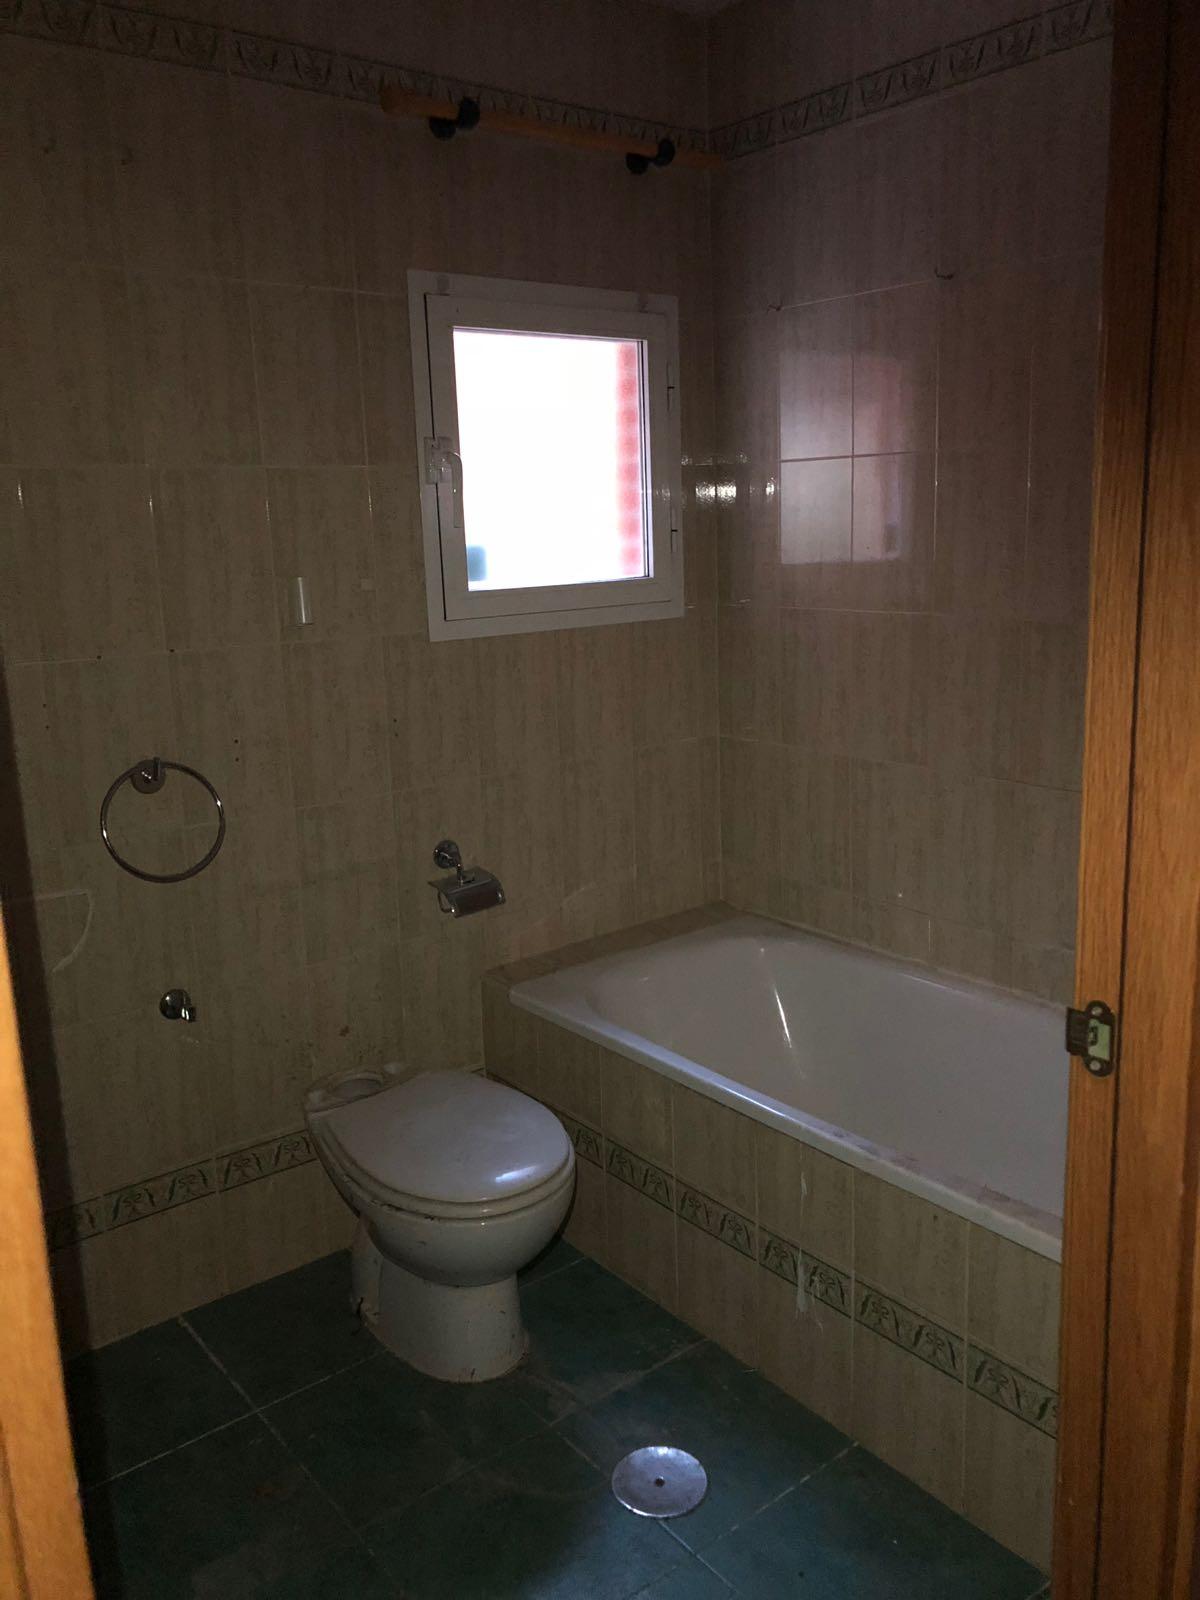 Piso en venta en Alcalá de Henares, Madrid, Calle Ramon Maria del Valle Inclan, 161.857 €, 3 habitaciones, 2 baños, 110 m2